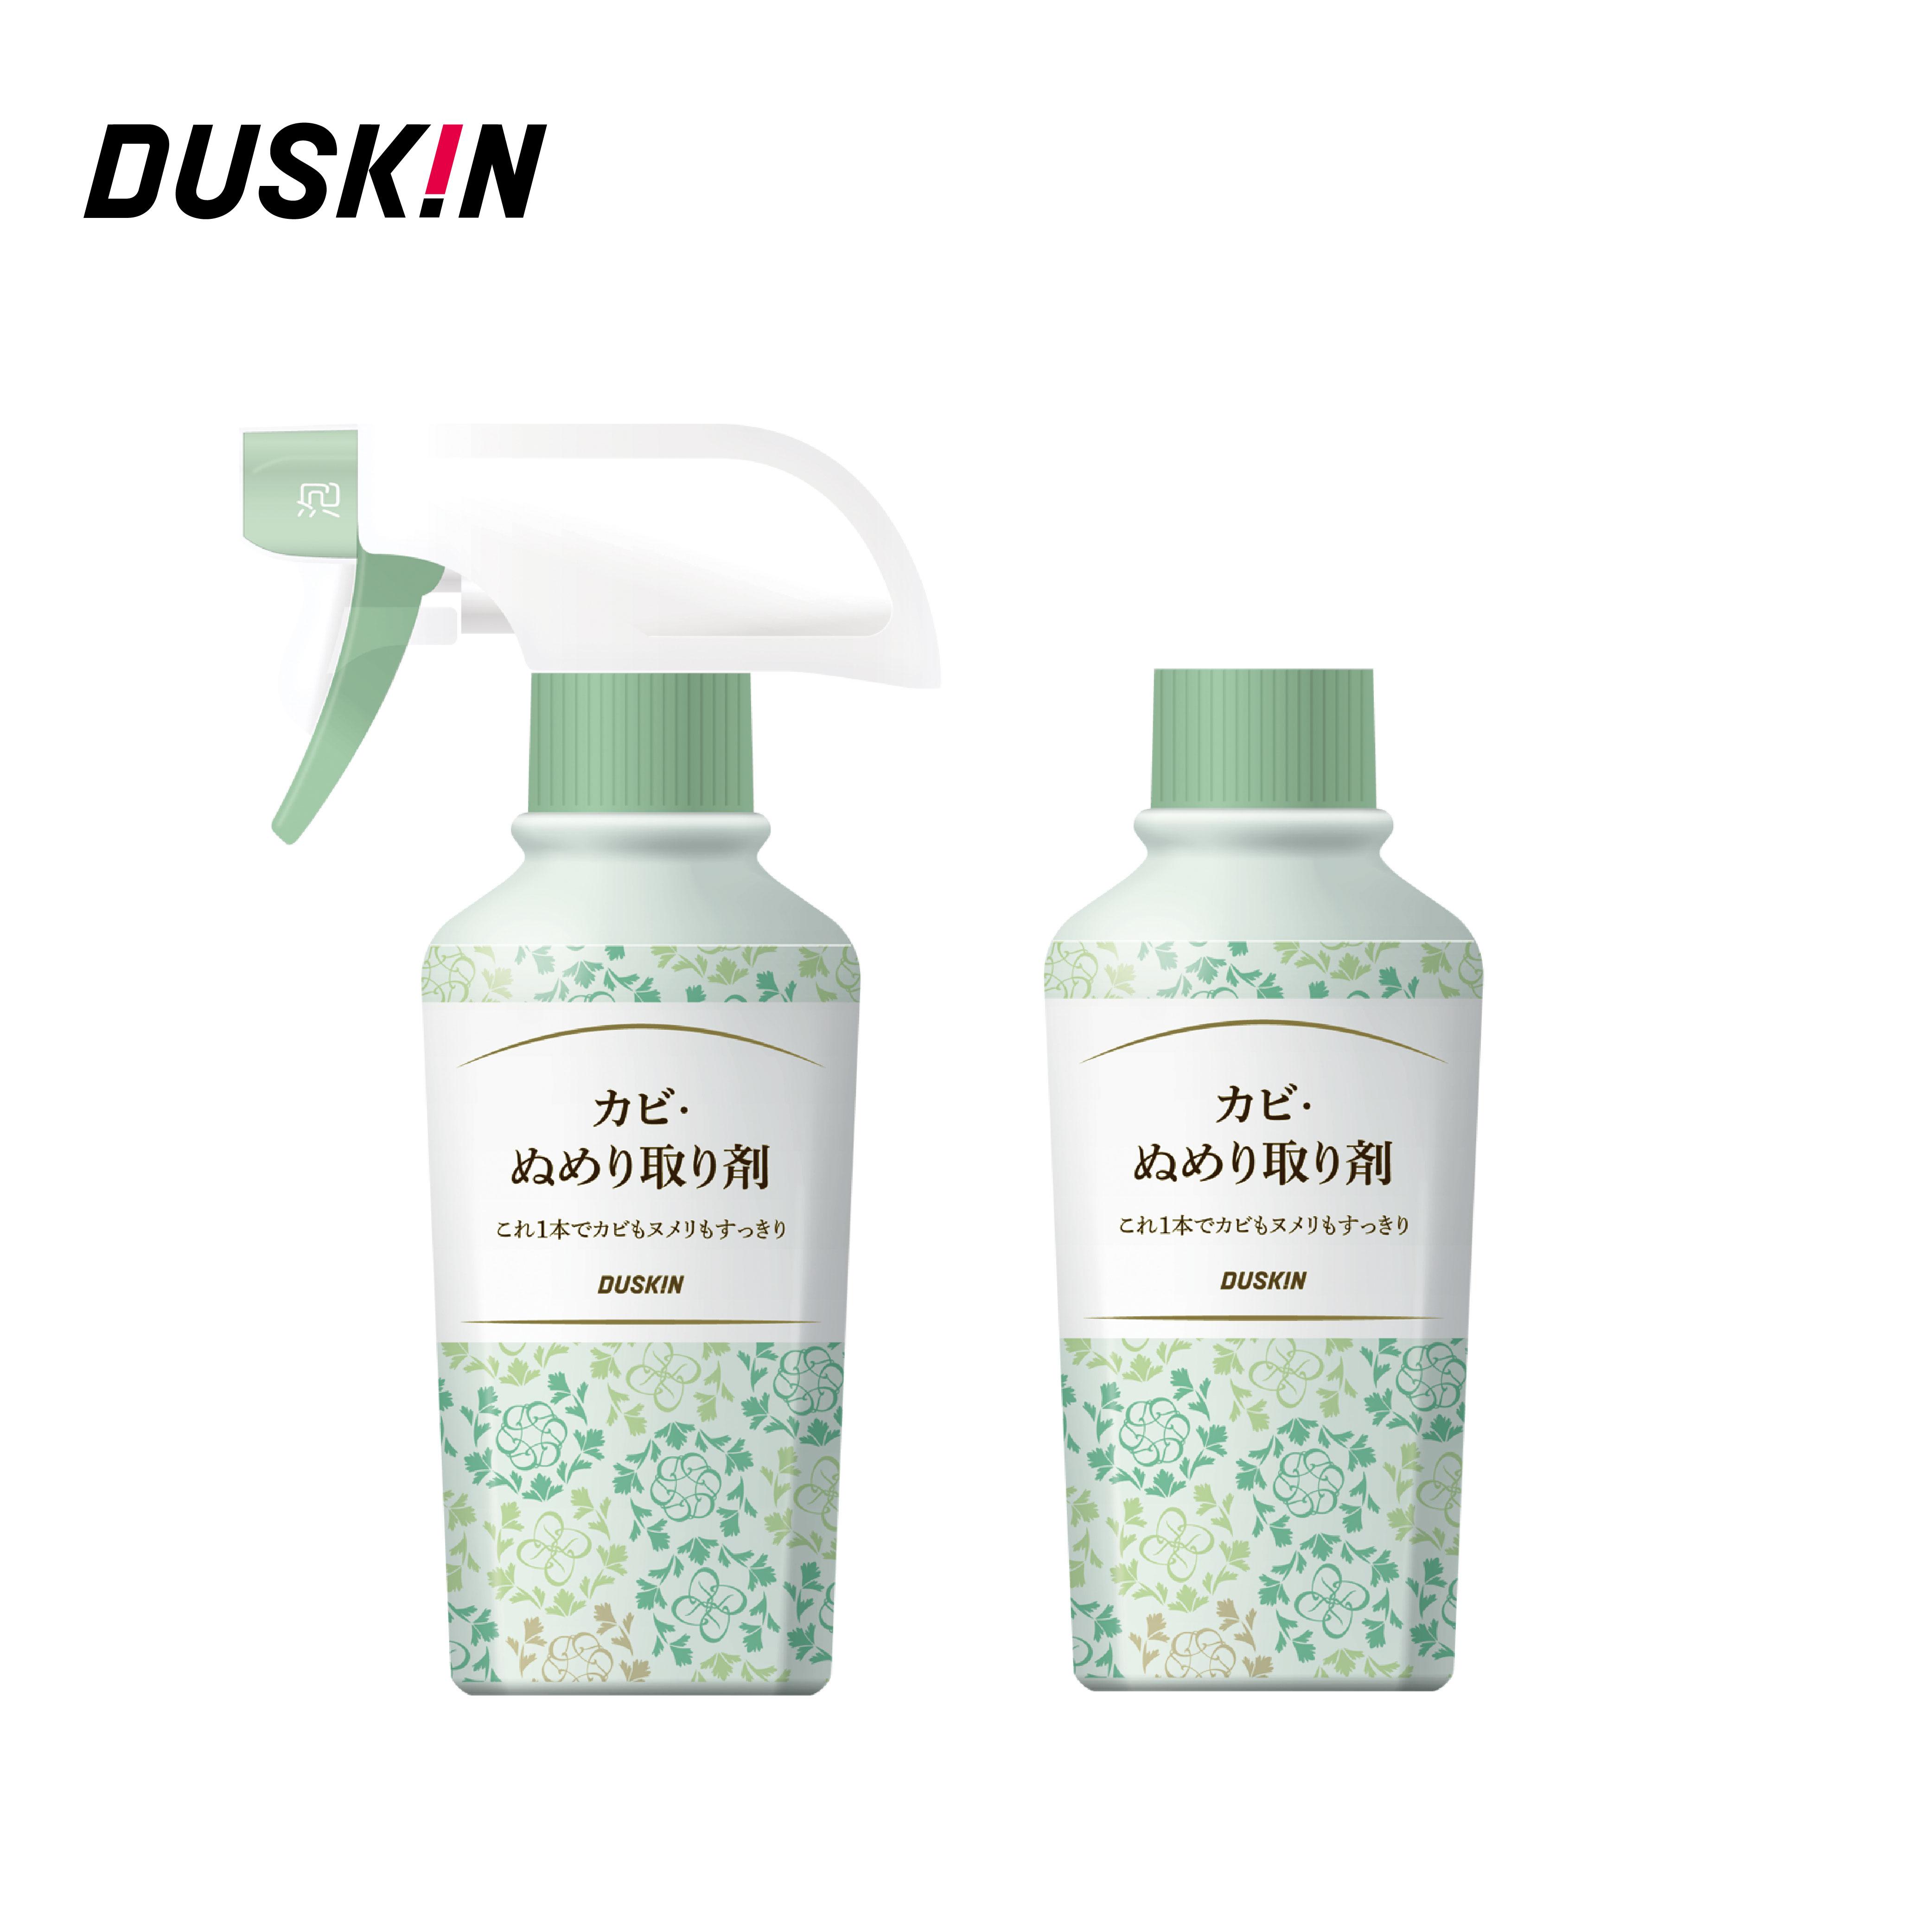 DUSKIN 除黴劑2入組 免刷除黴垢效果超強 含1噴頭 0